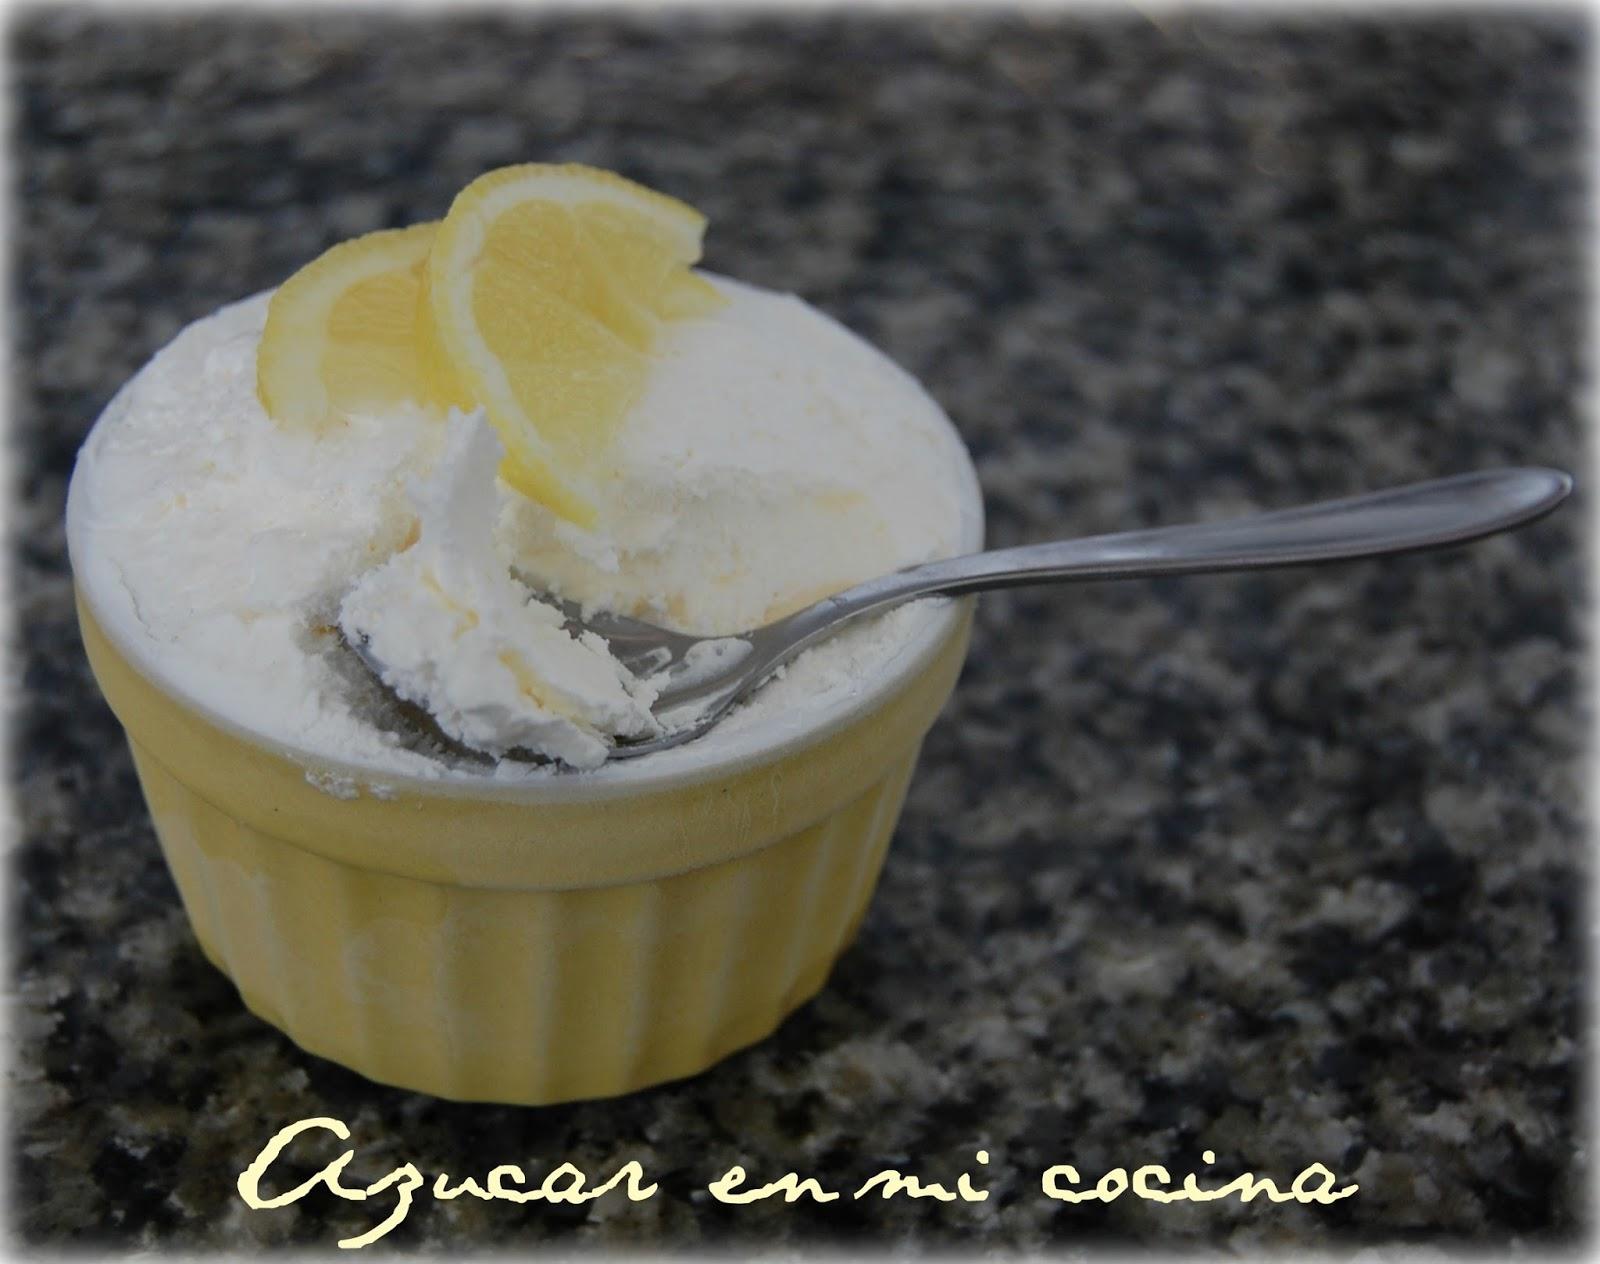 http://azucarenmicocina.blogspot.com.es/2013/08/helado-de-lemon-curd-reinventando-el.html